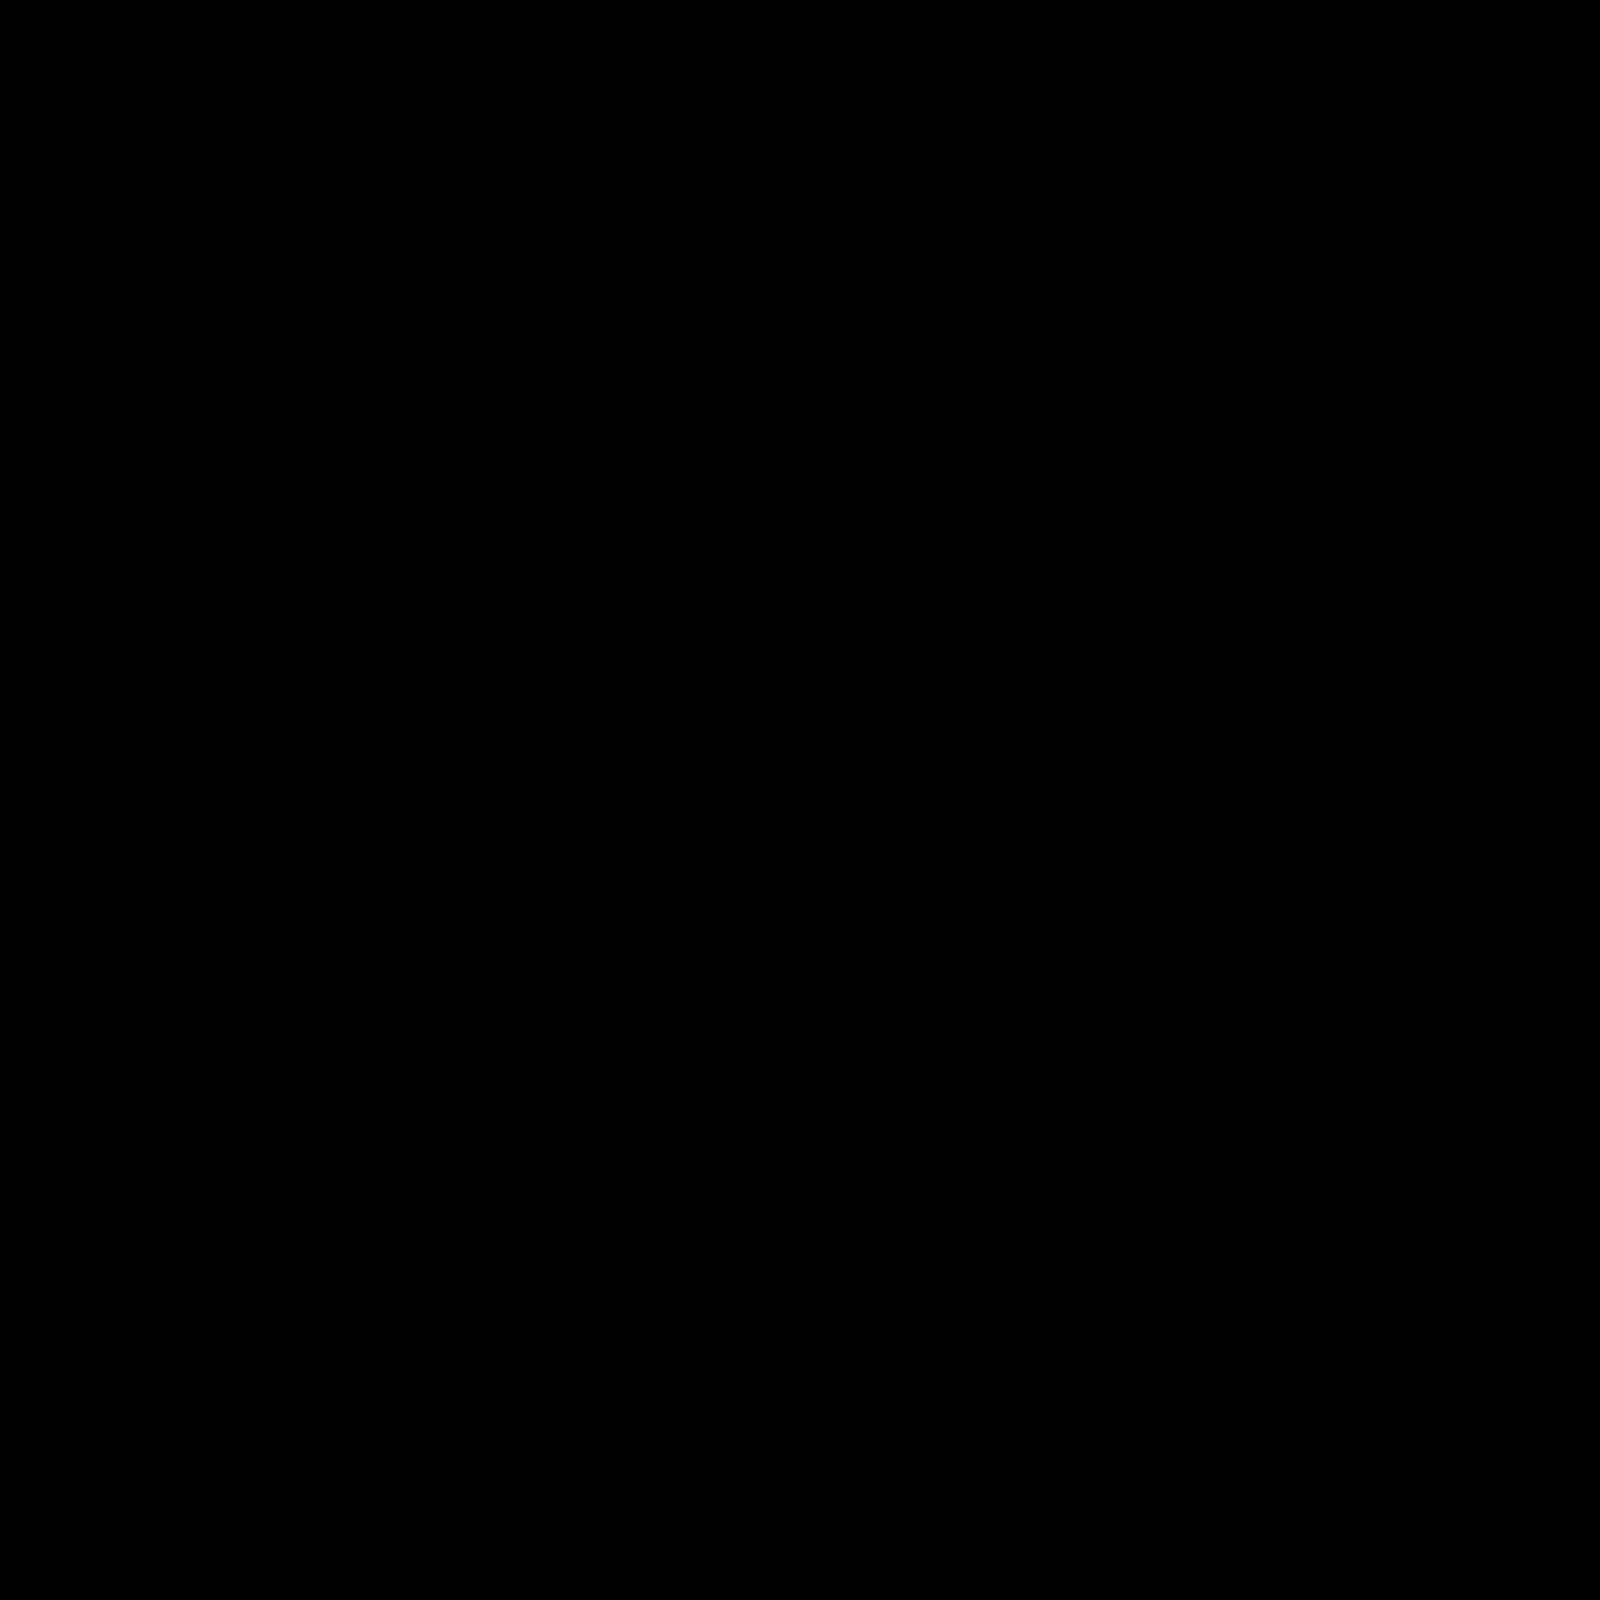 Binary clipart computer file #2